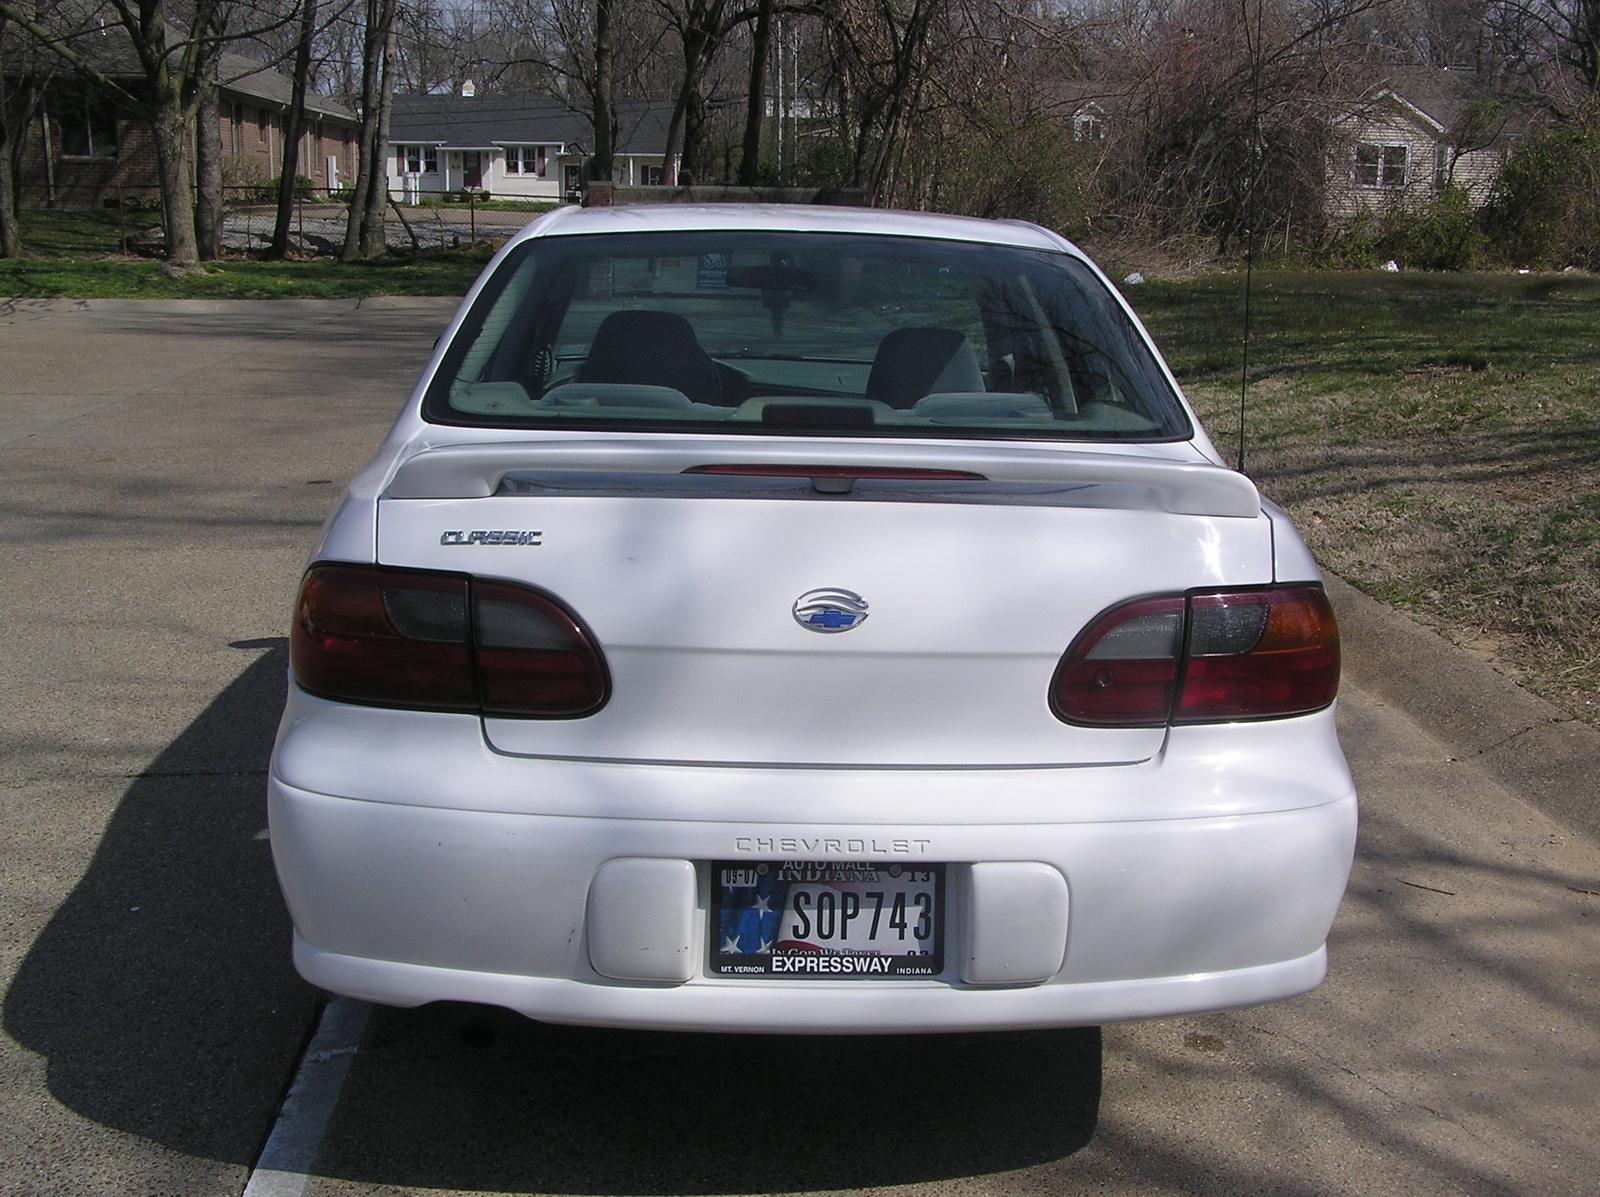 Picture of 2004 Chevrolet Classic 4 Dr STD Sedan, exterior